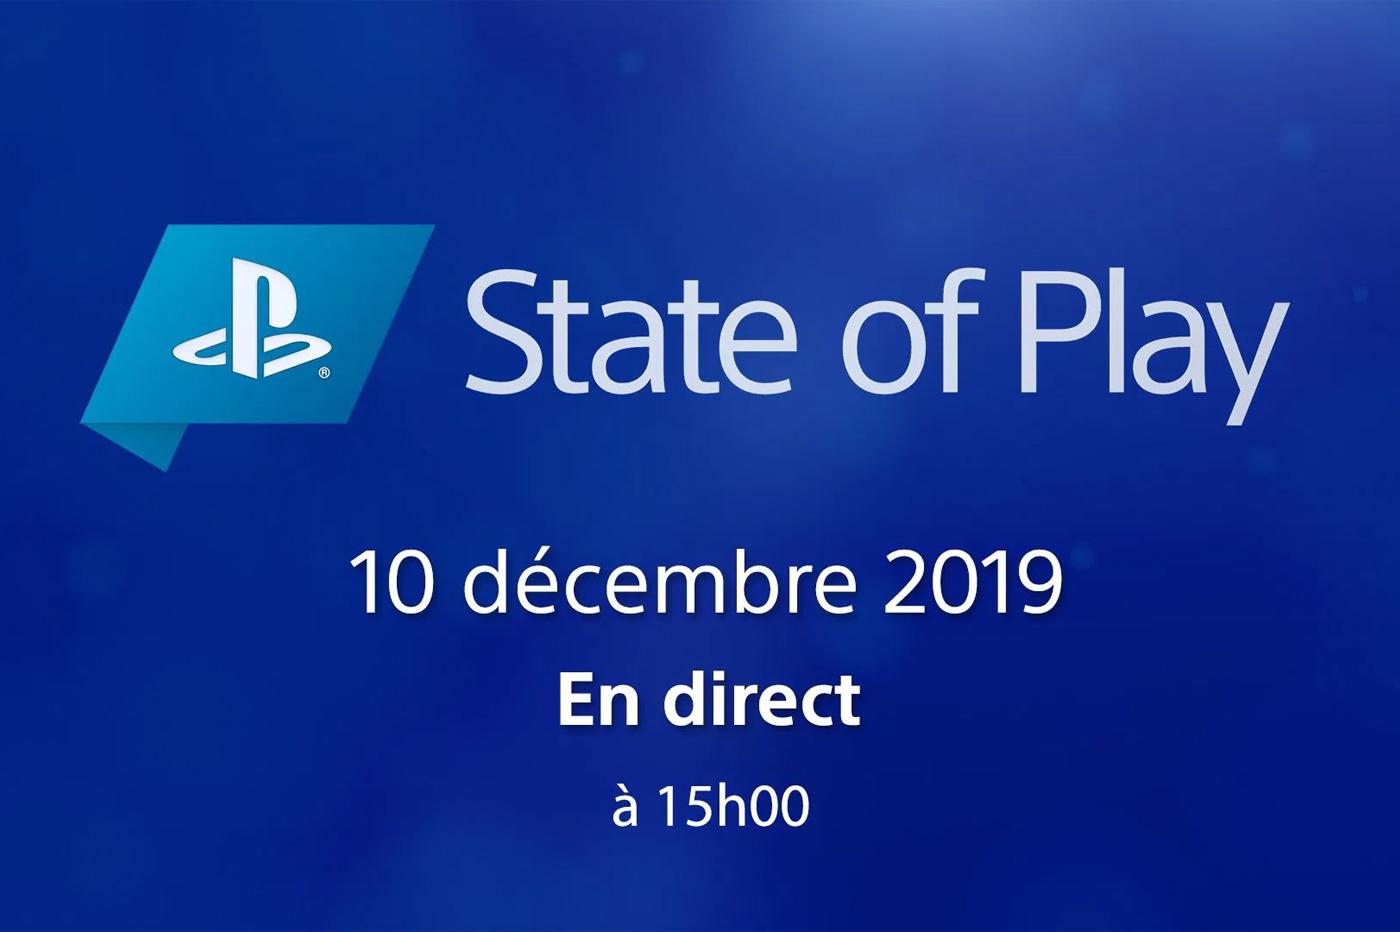 Résumé State of Play en direct